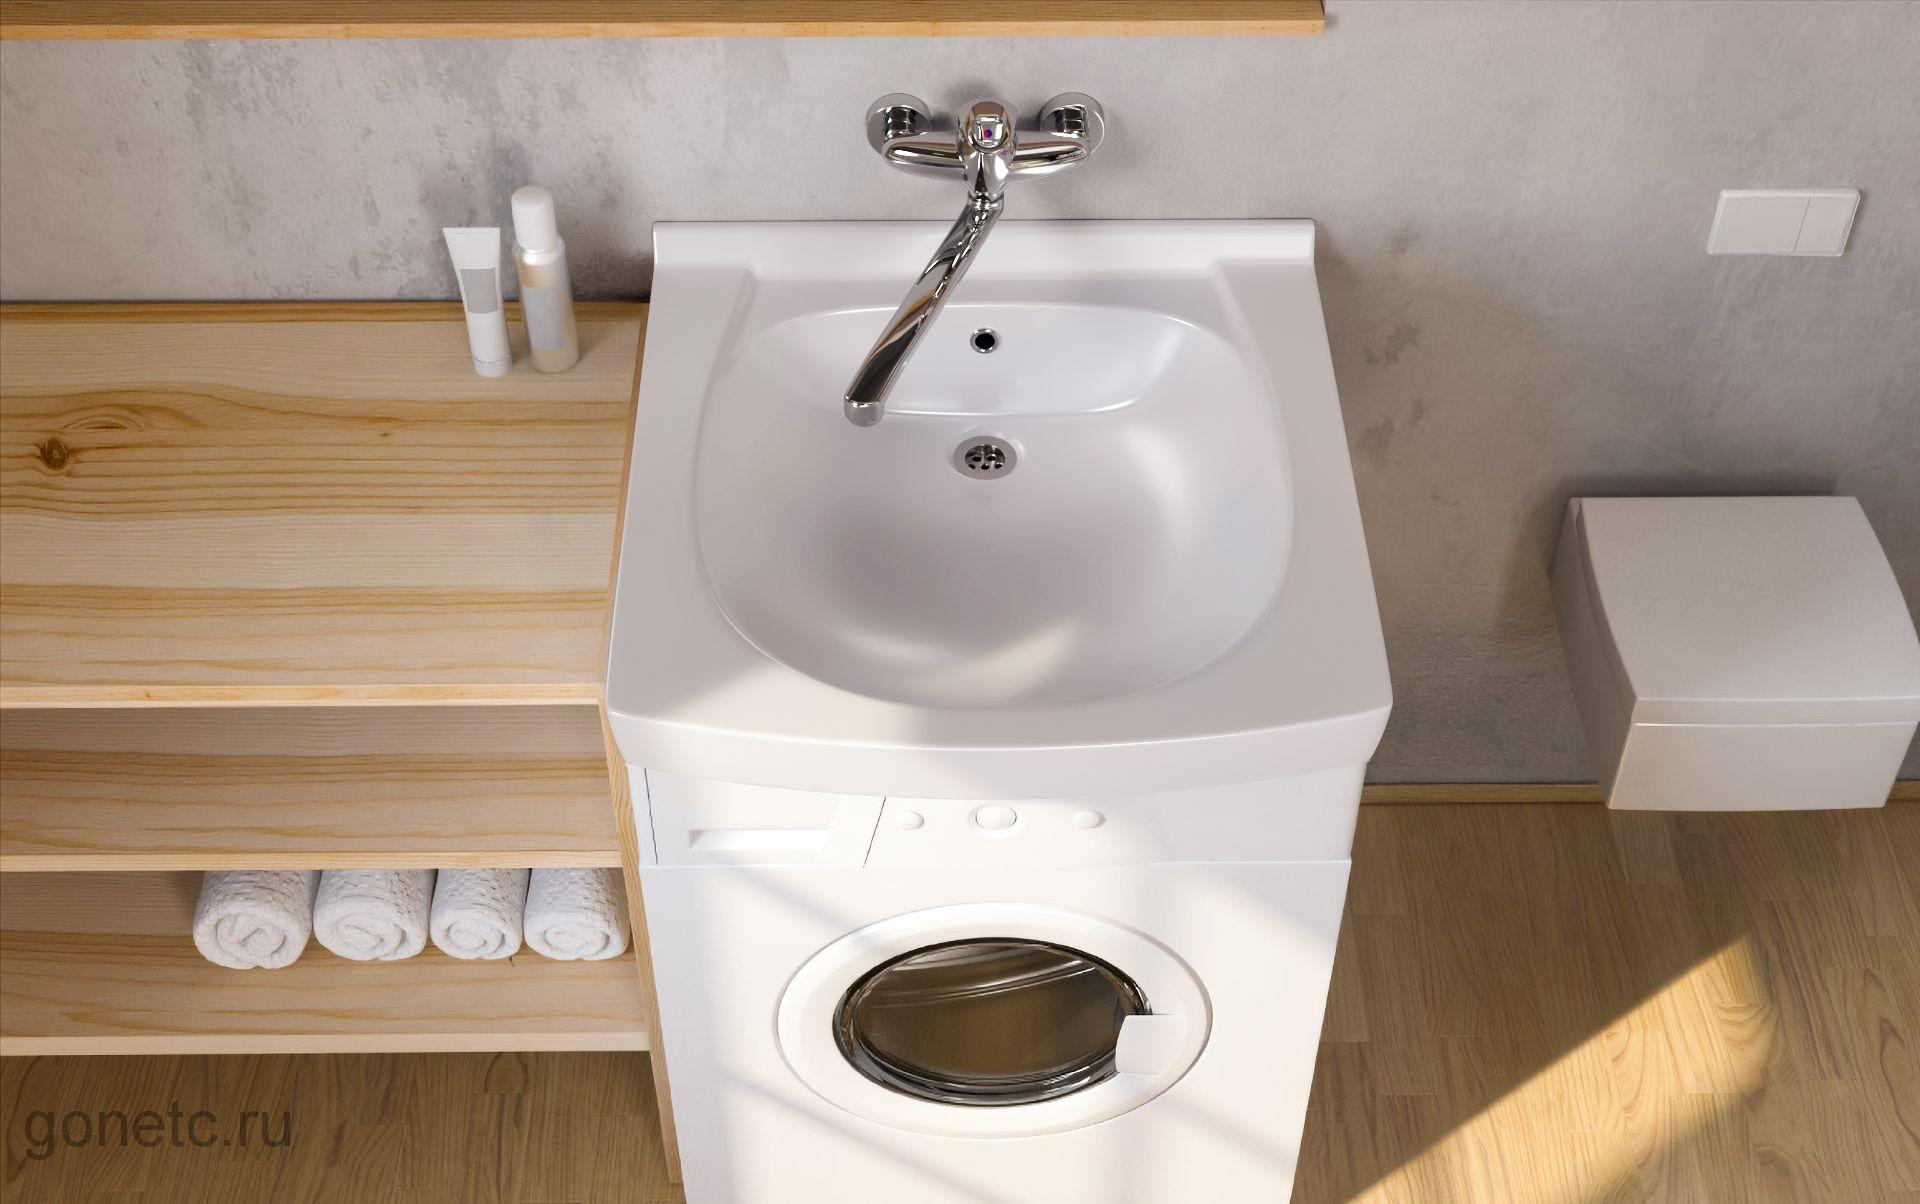 Раковина Кувшинка над стиральной машинкой